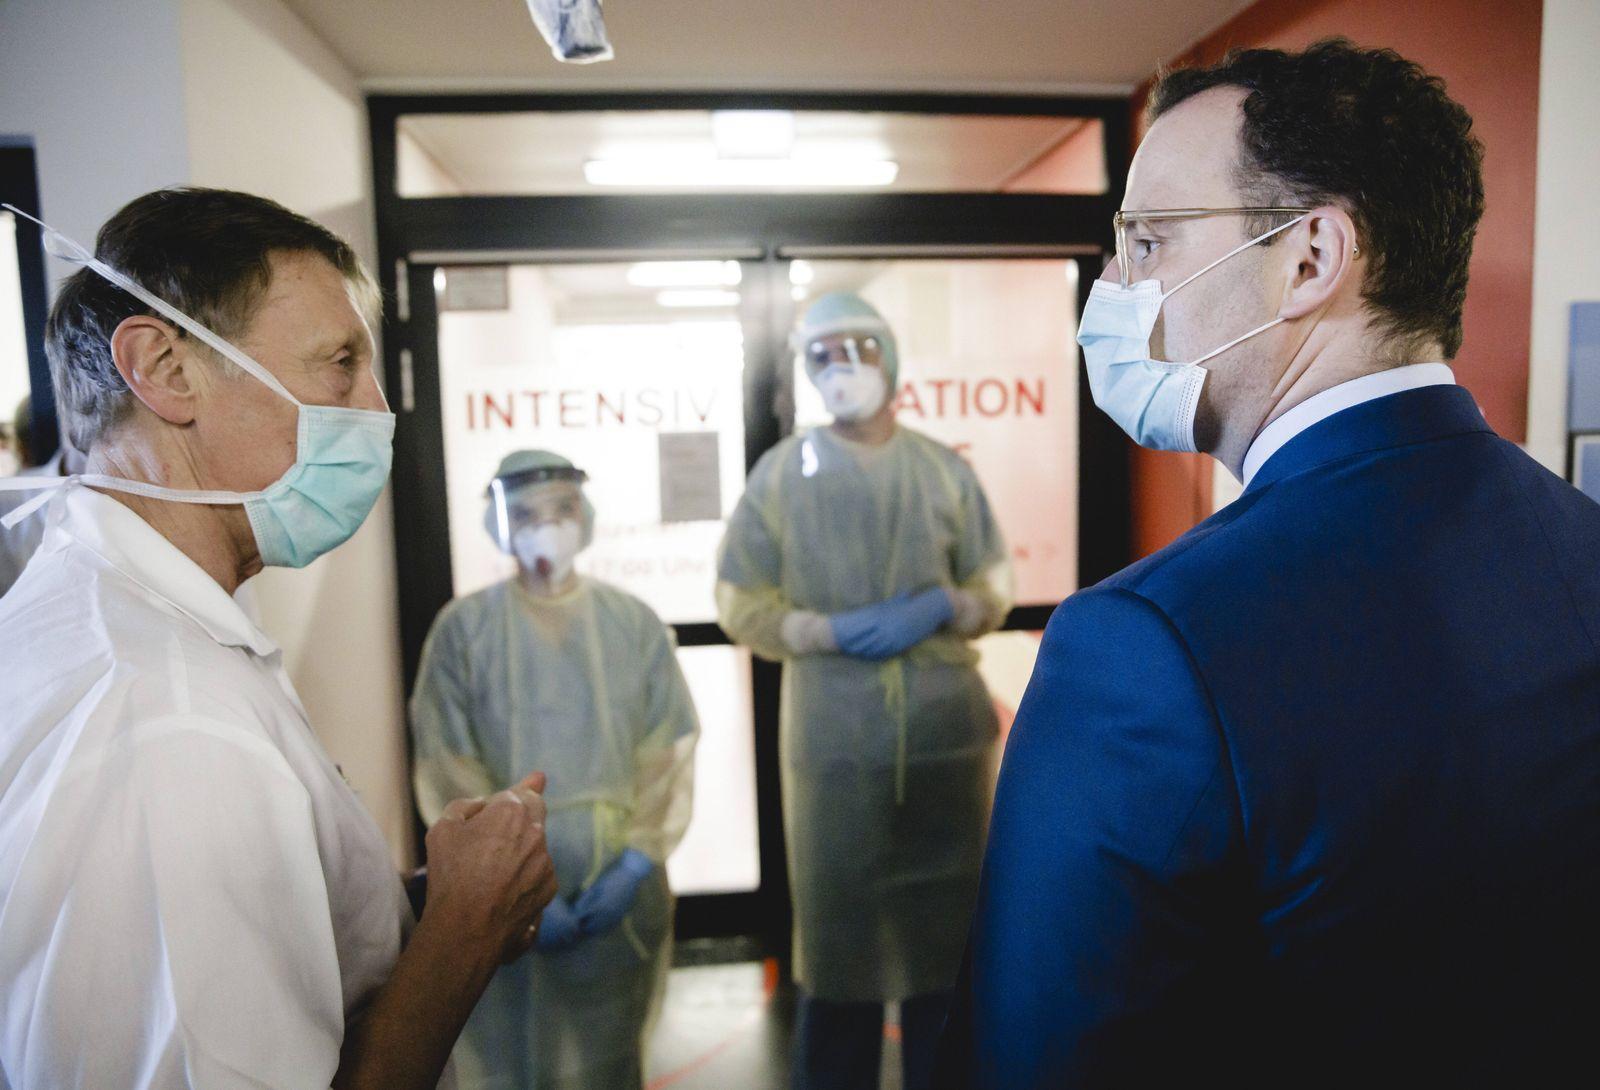 Bundesgesundheitsminister Jens Spahn (CDU) im Rahmen eines Besuchs der Universitaetsklinik Giessen am 14.04.2020. Giess